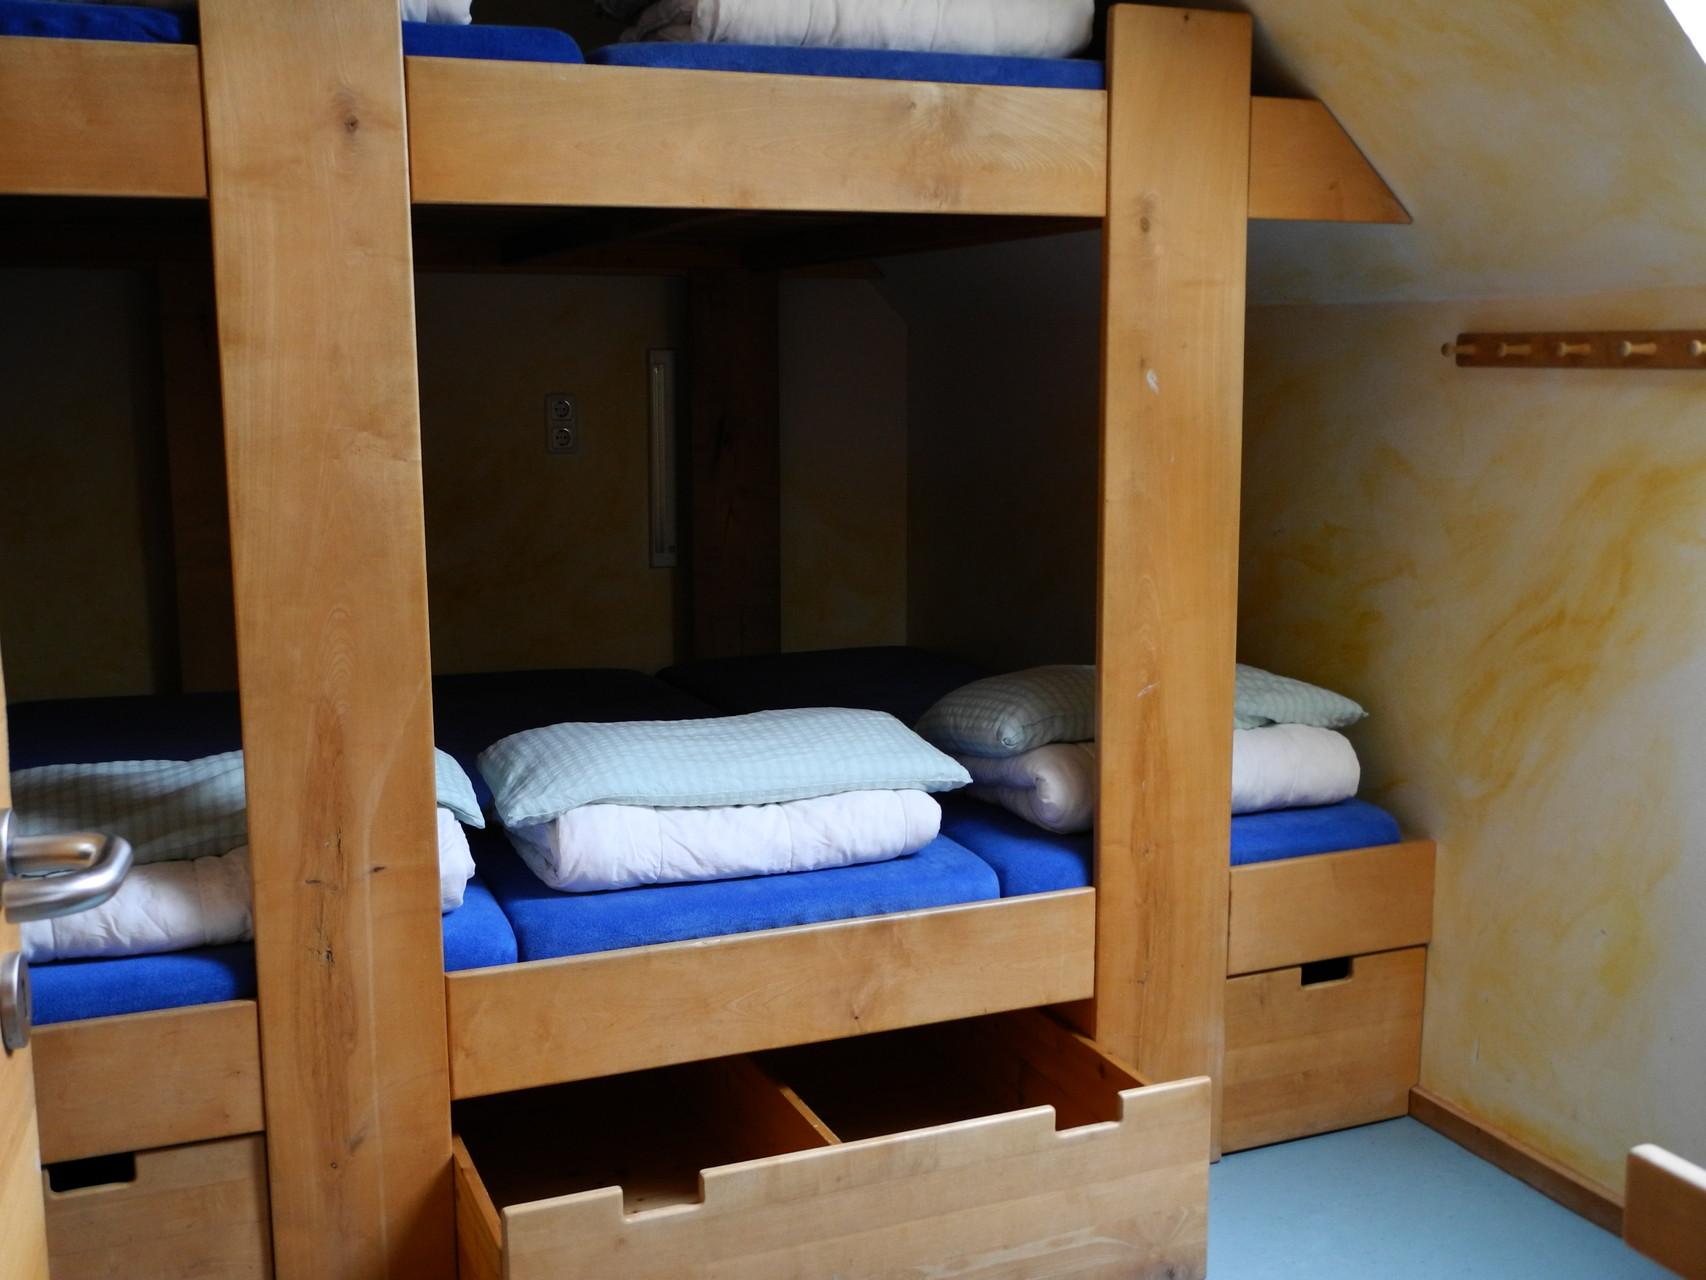 Einbau-Massivholz-Stockbett in einer Jugendbildungsstätte, seit über 15 Jahren in Benutzung